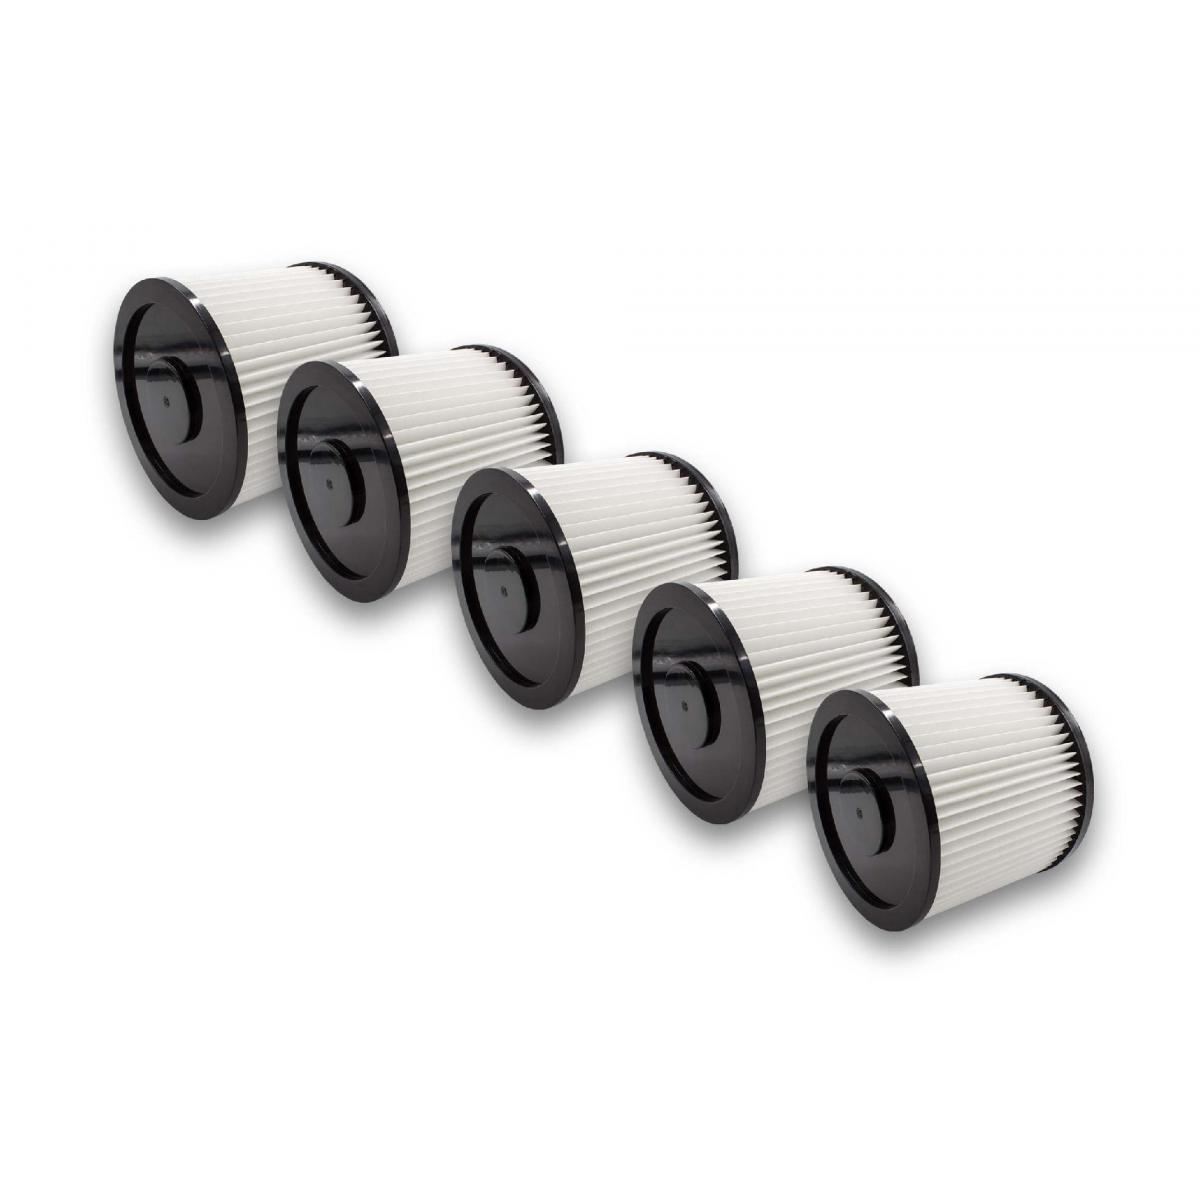 Vhbw vhbw 5x Filtre rond pour aspirateur compatible avec Rowenta Collecto RB 860, RU 600, RU 601, RU 605, RU 630 remplacement